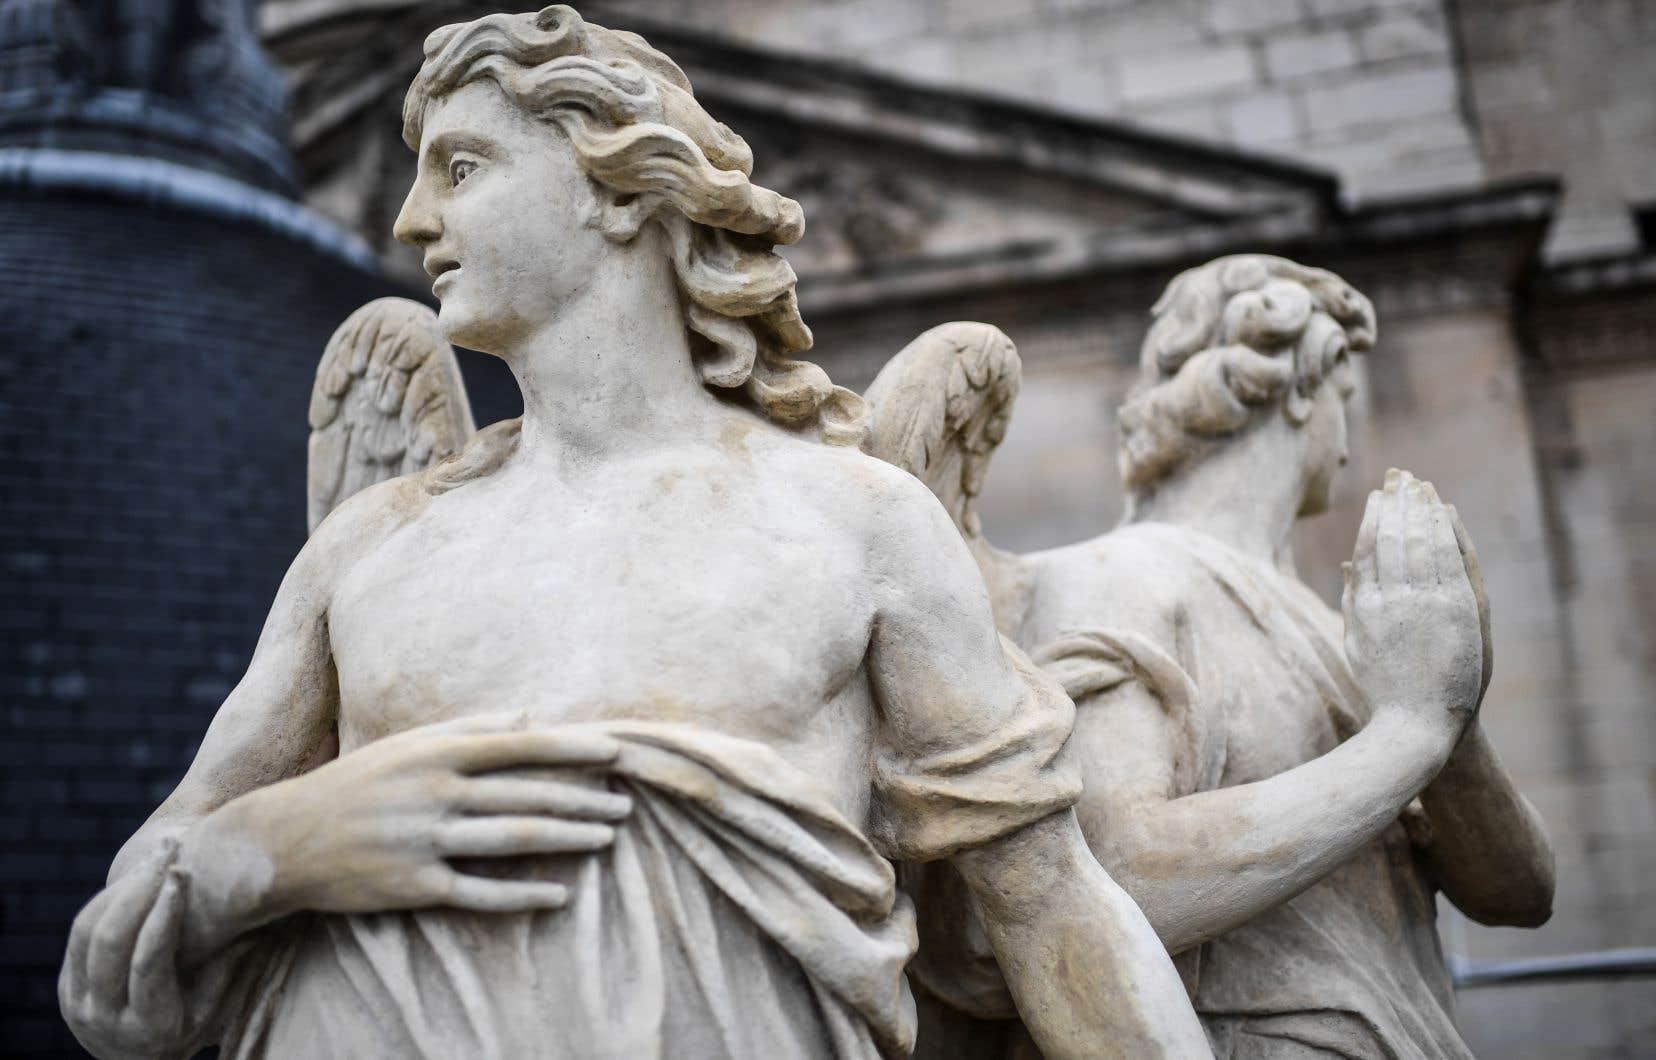 Pillée et saccagée pendant la Révolution française puis lors d'émeutes en 1831, ce joyau du gothique a perdu une partie de ses chefs-d'oeuvre.